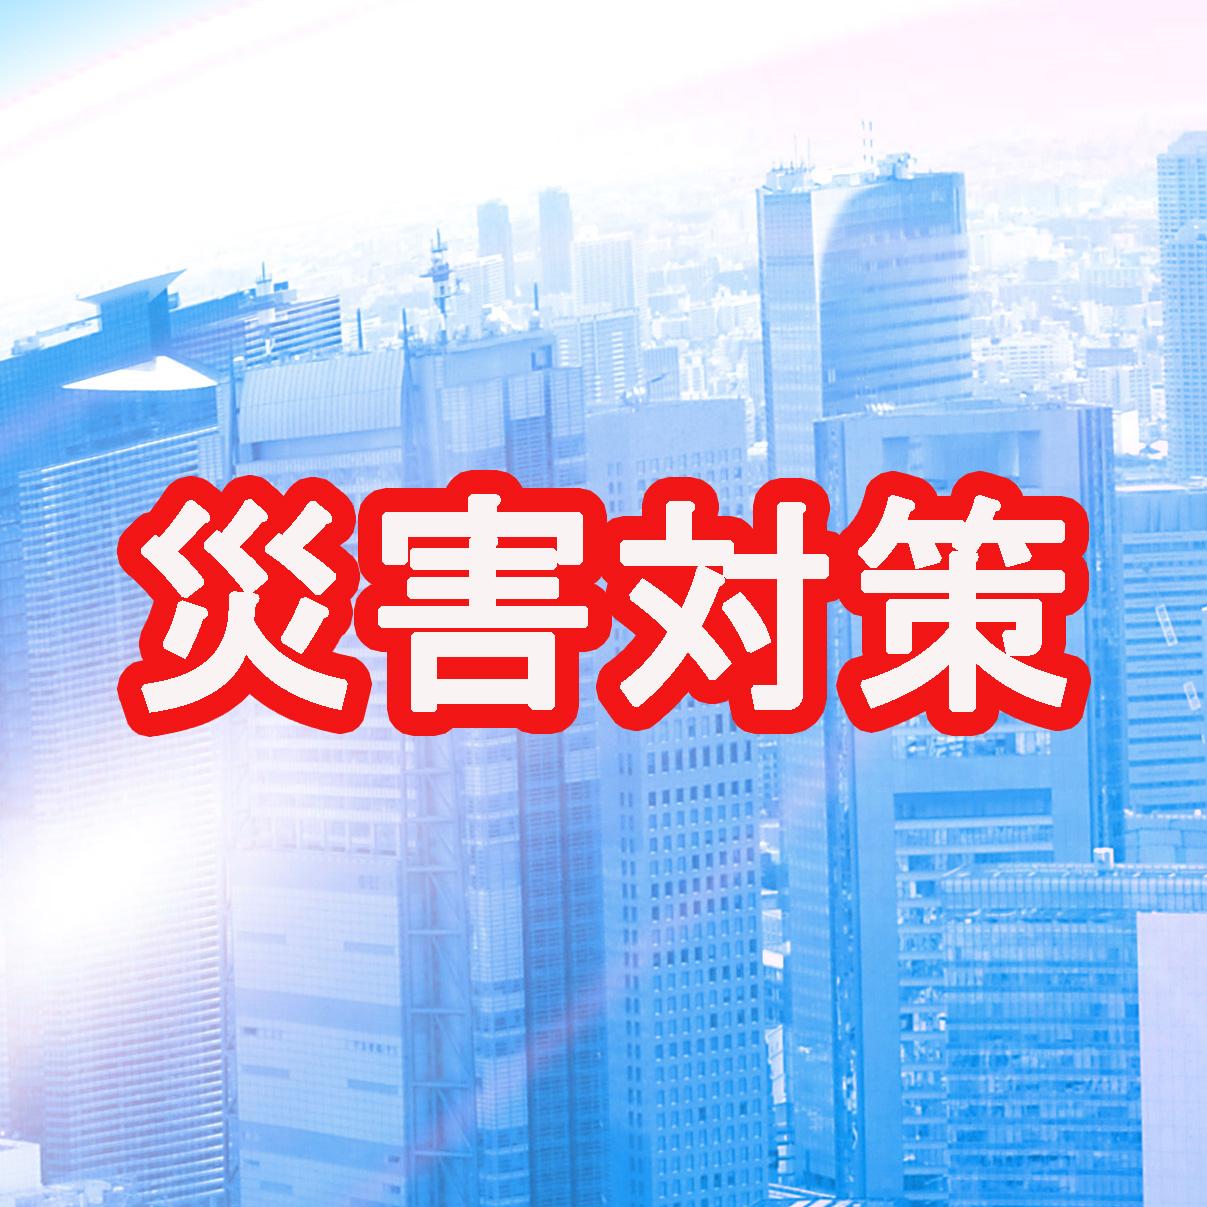 【災害対策】災害対策ガイドライン